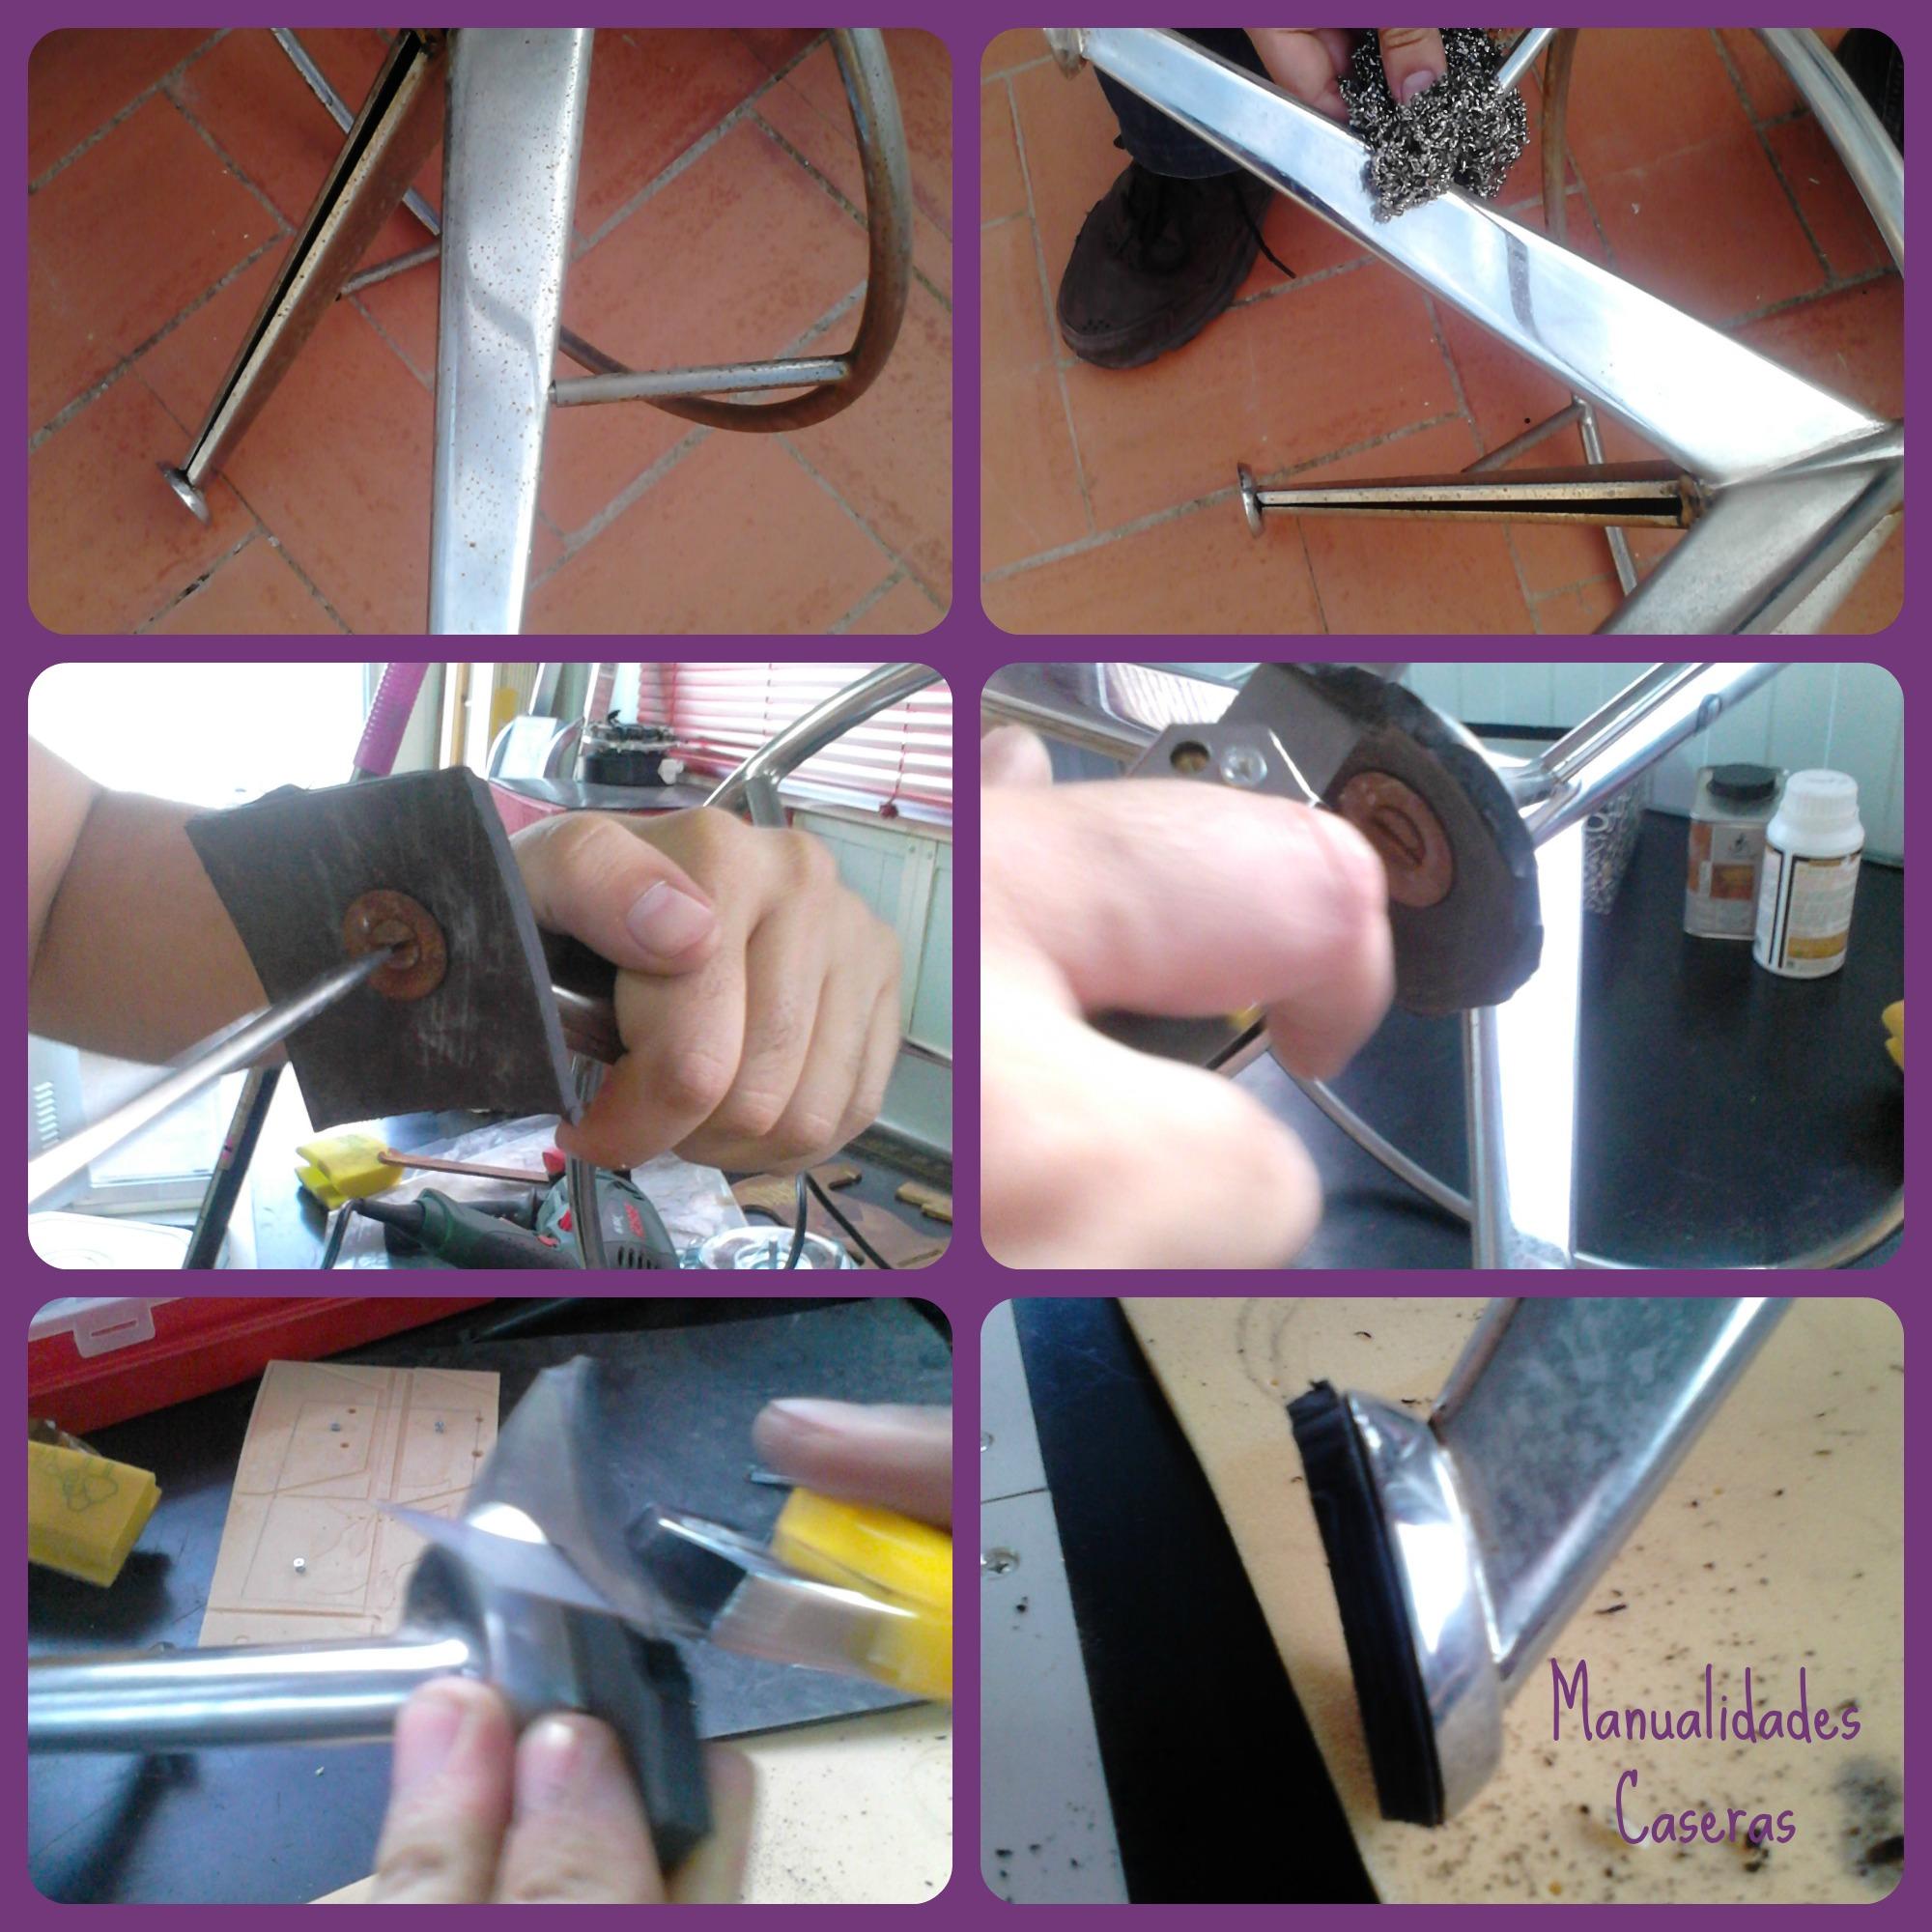 Manualidades Caseras Inma_ restauración de un taburete_ como reparar las patas